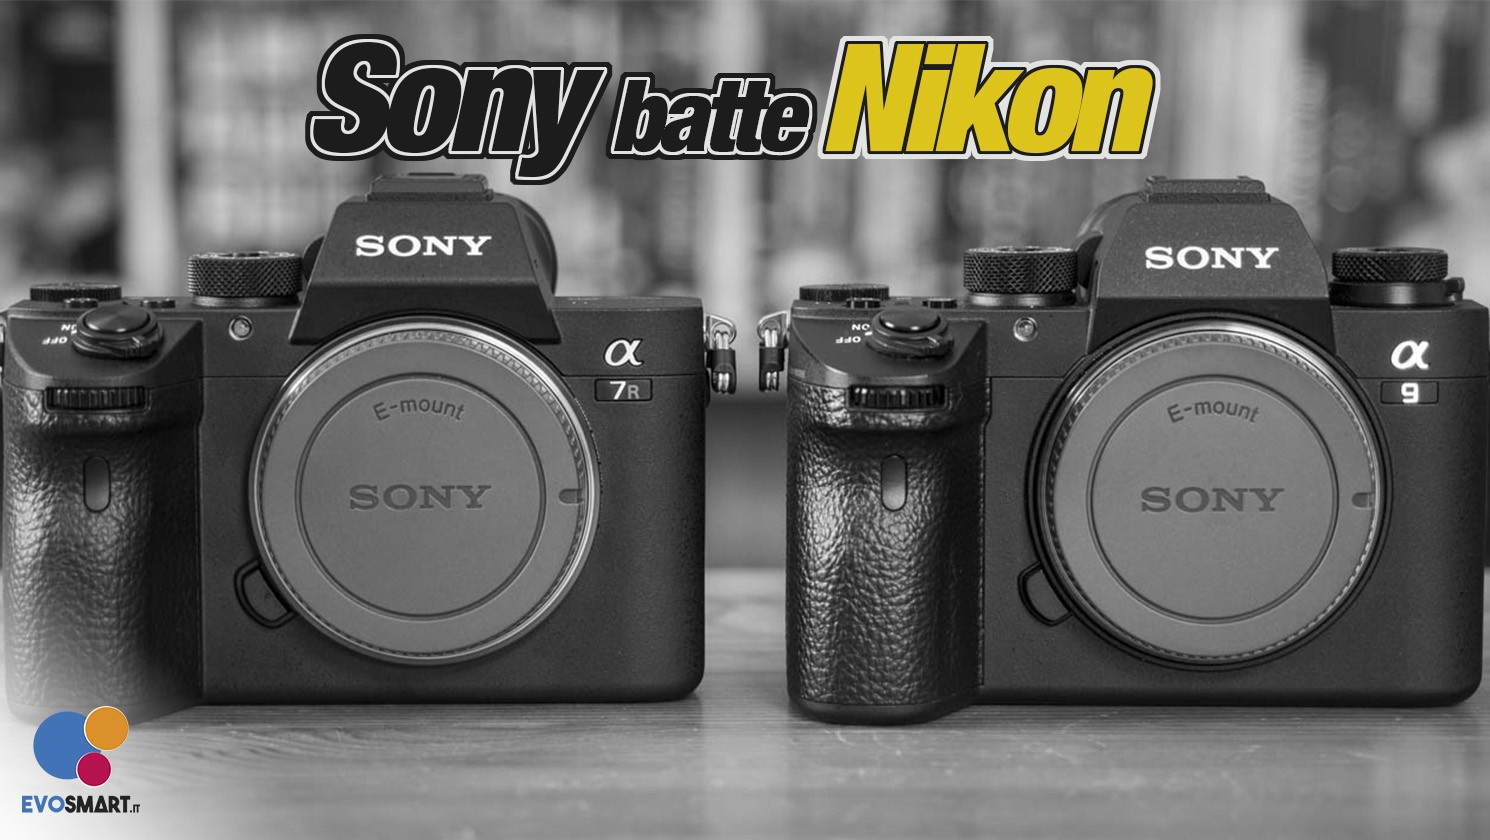 Sony supera Nikon come maggior produttore di fotocamere dopo Canon